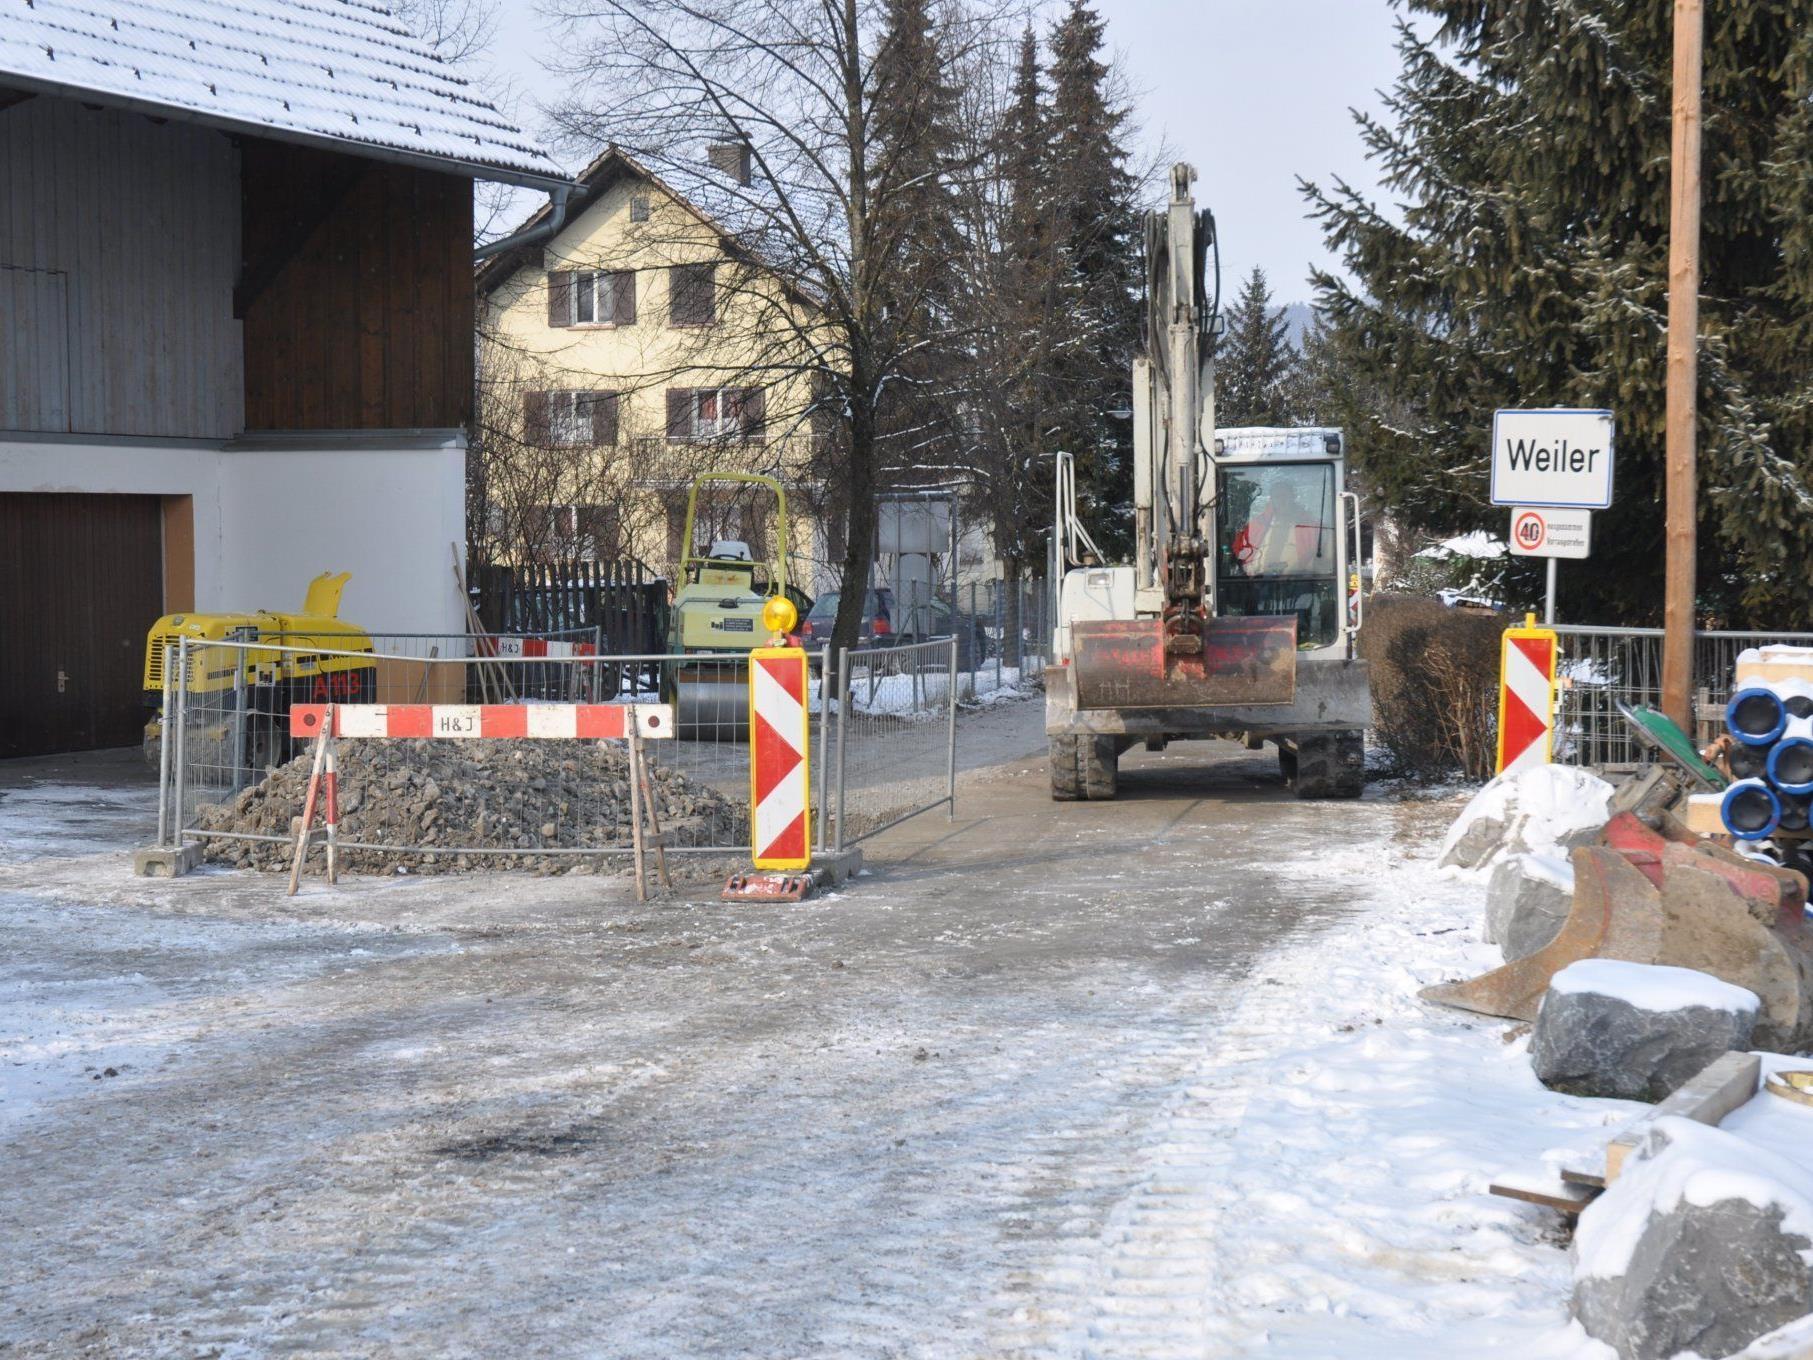 Die Bauarbeiten an der Wasserversorgungsanlage verlaufen planmäßig.